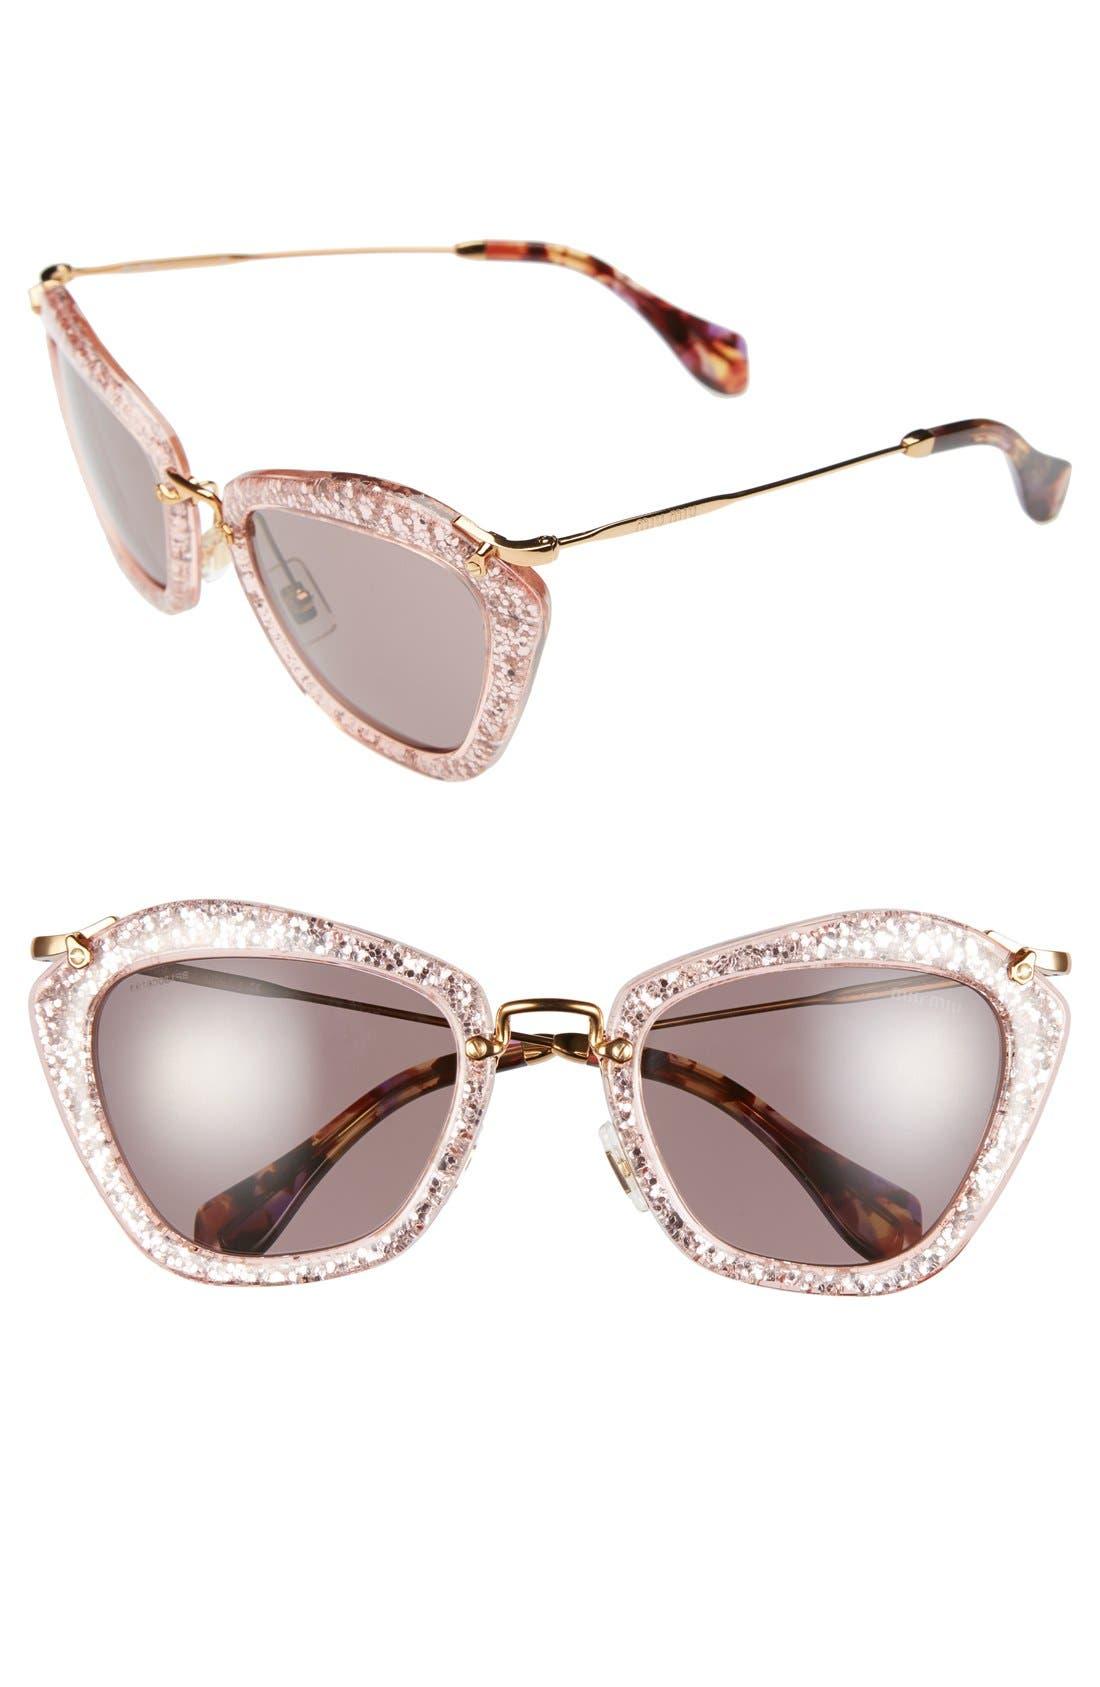 Main Image - Miu Miu 55mm Sunglasses